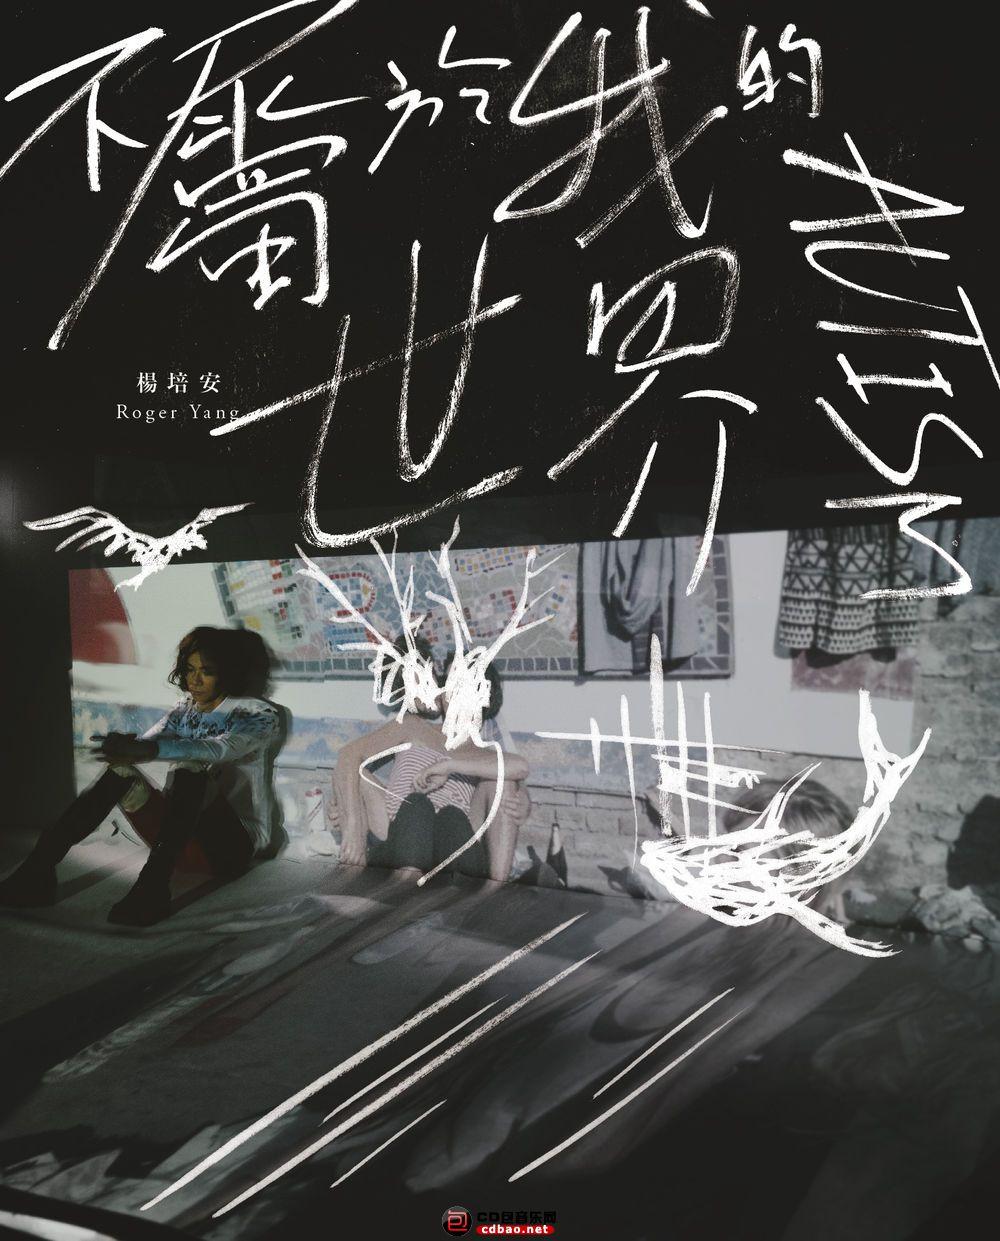 杨培安专辑《不属于我的世界》封面.jpg